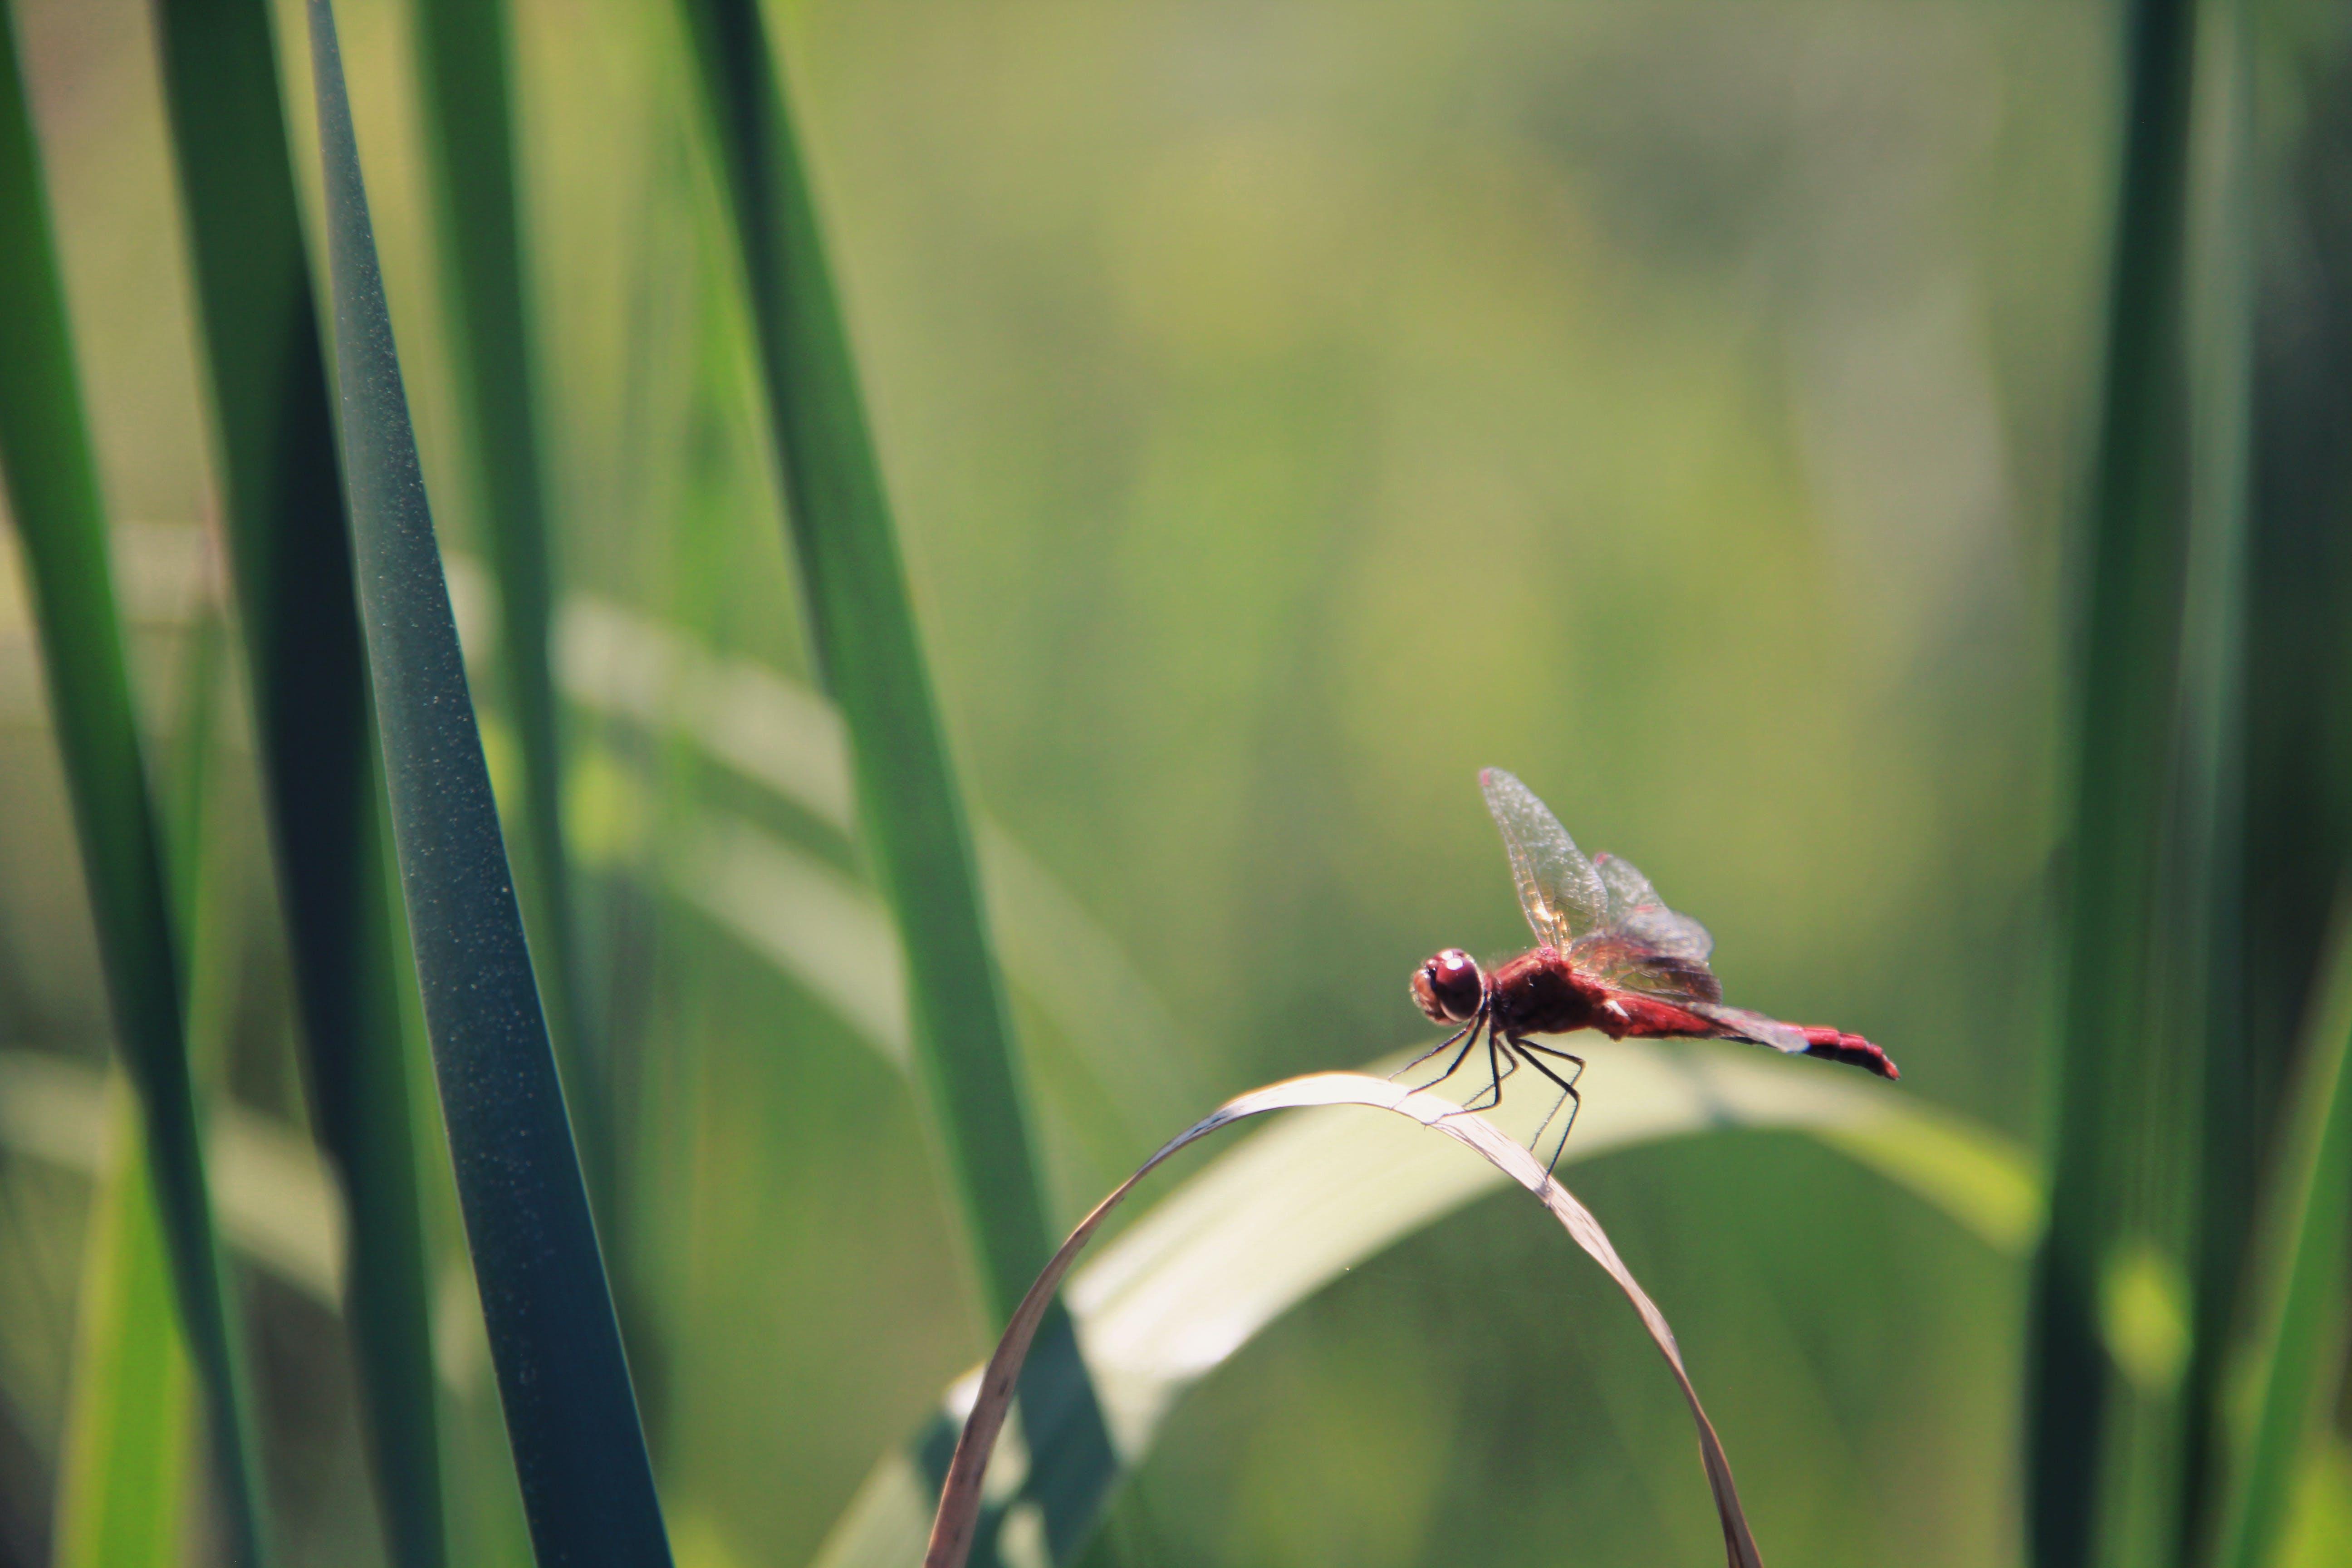 biology, blur, close-up